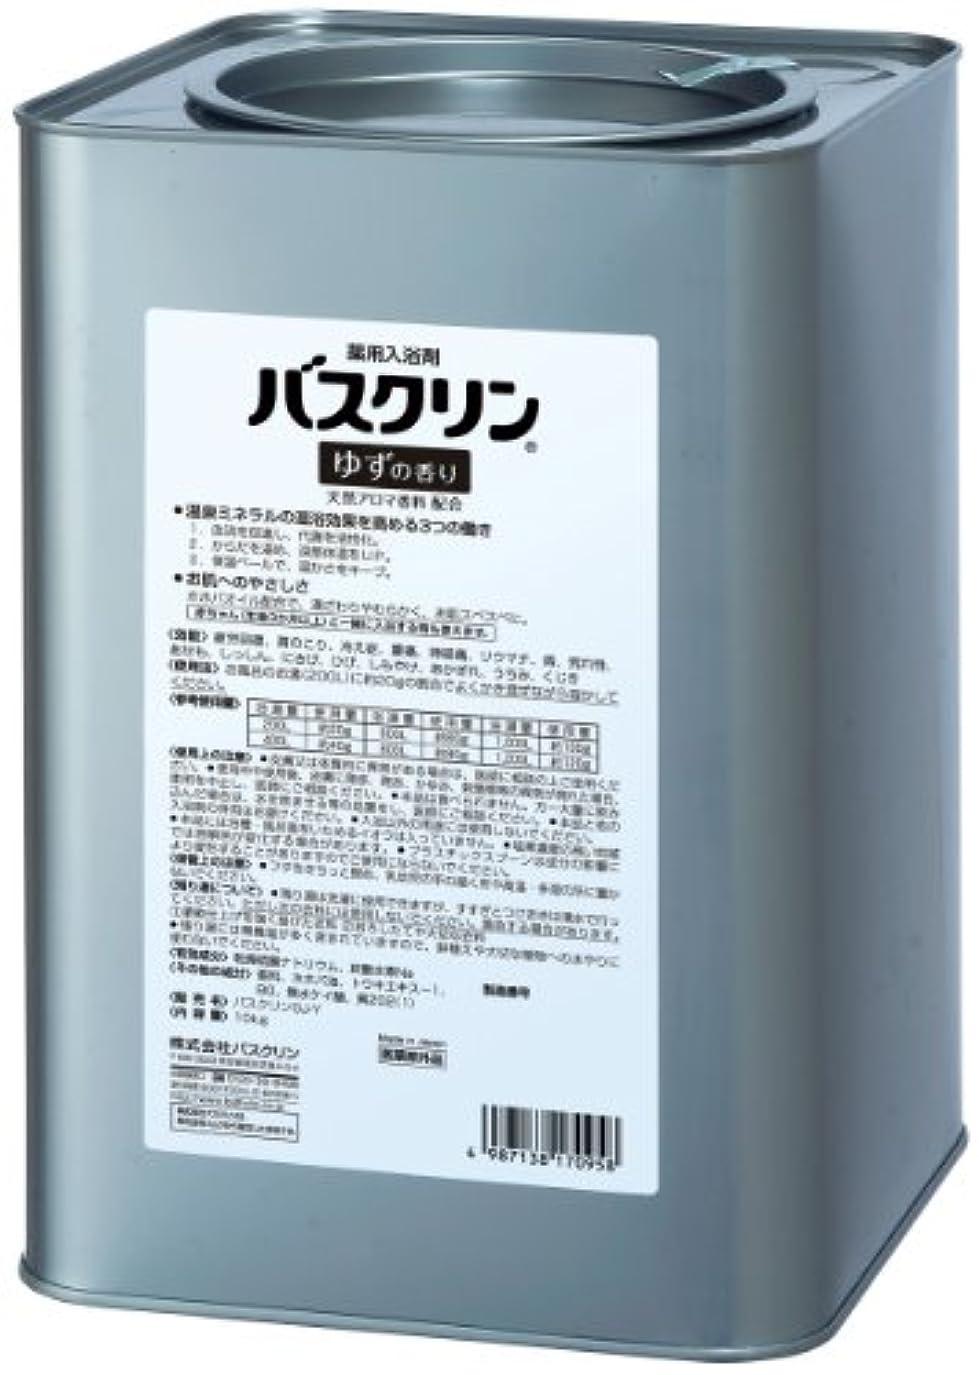 荒れ地特殊順応性【業務用】バスクリン ゆず 10kg 入浴剤